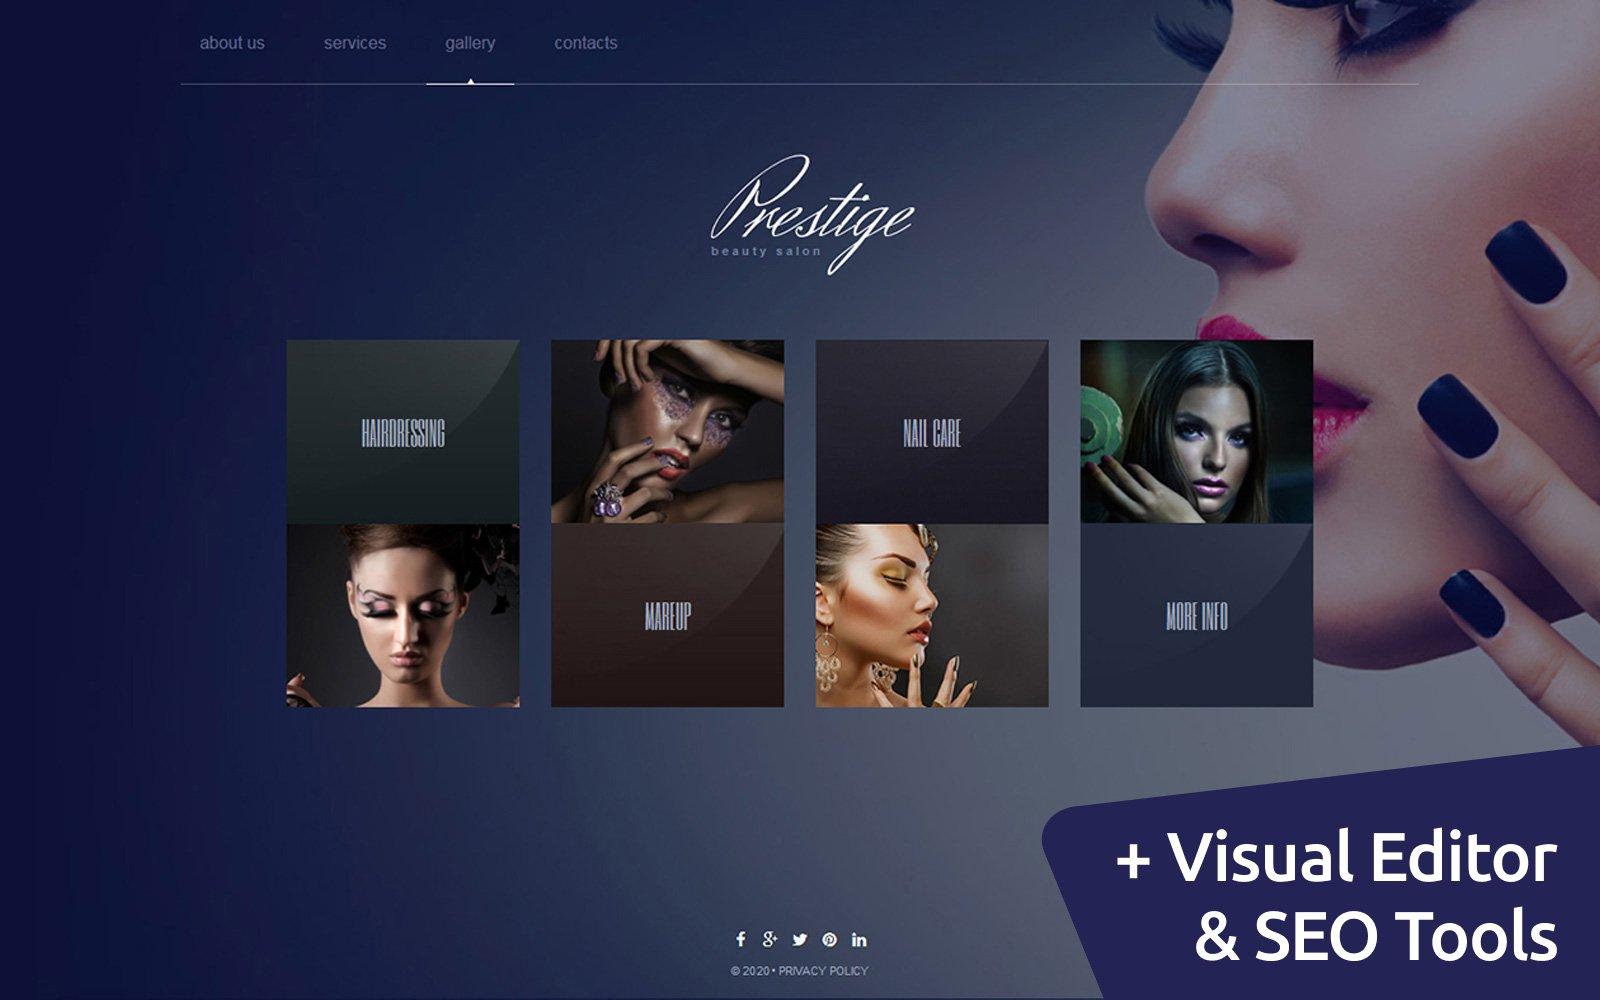 """""""Prestige - Beauty Salon"""" modèle Moto CMS 3 adaptatif #54624"""